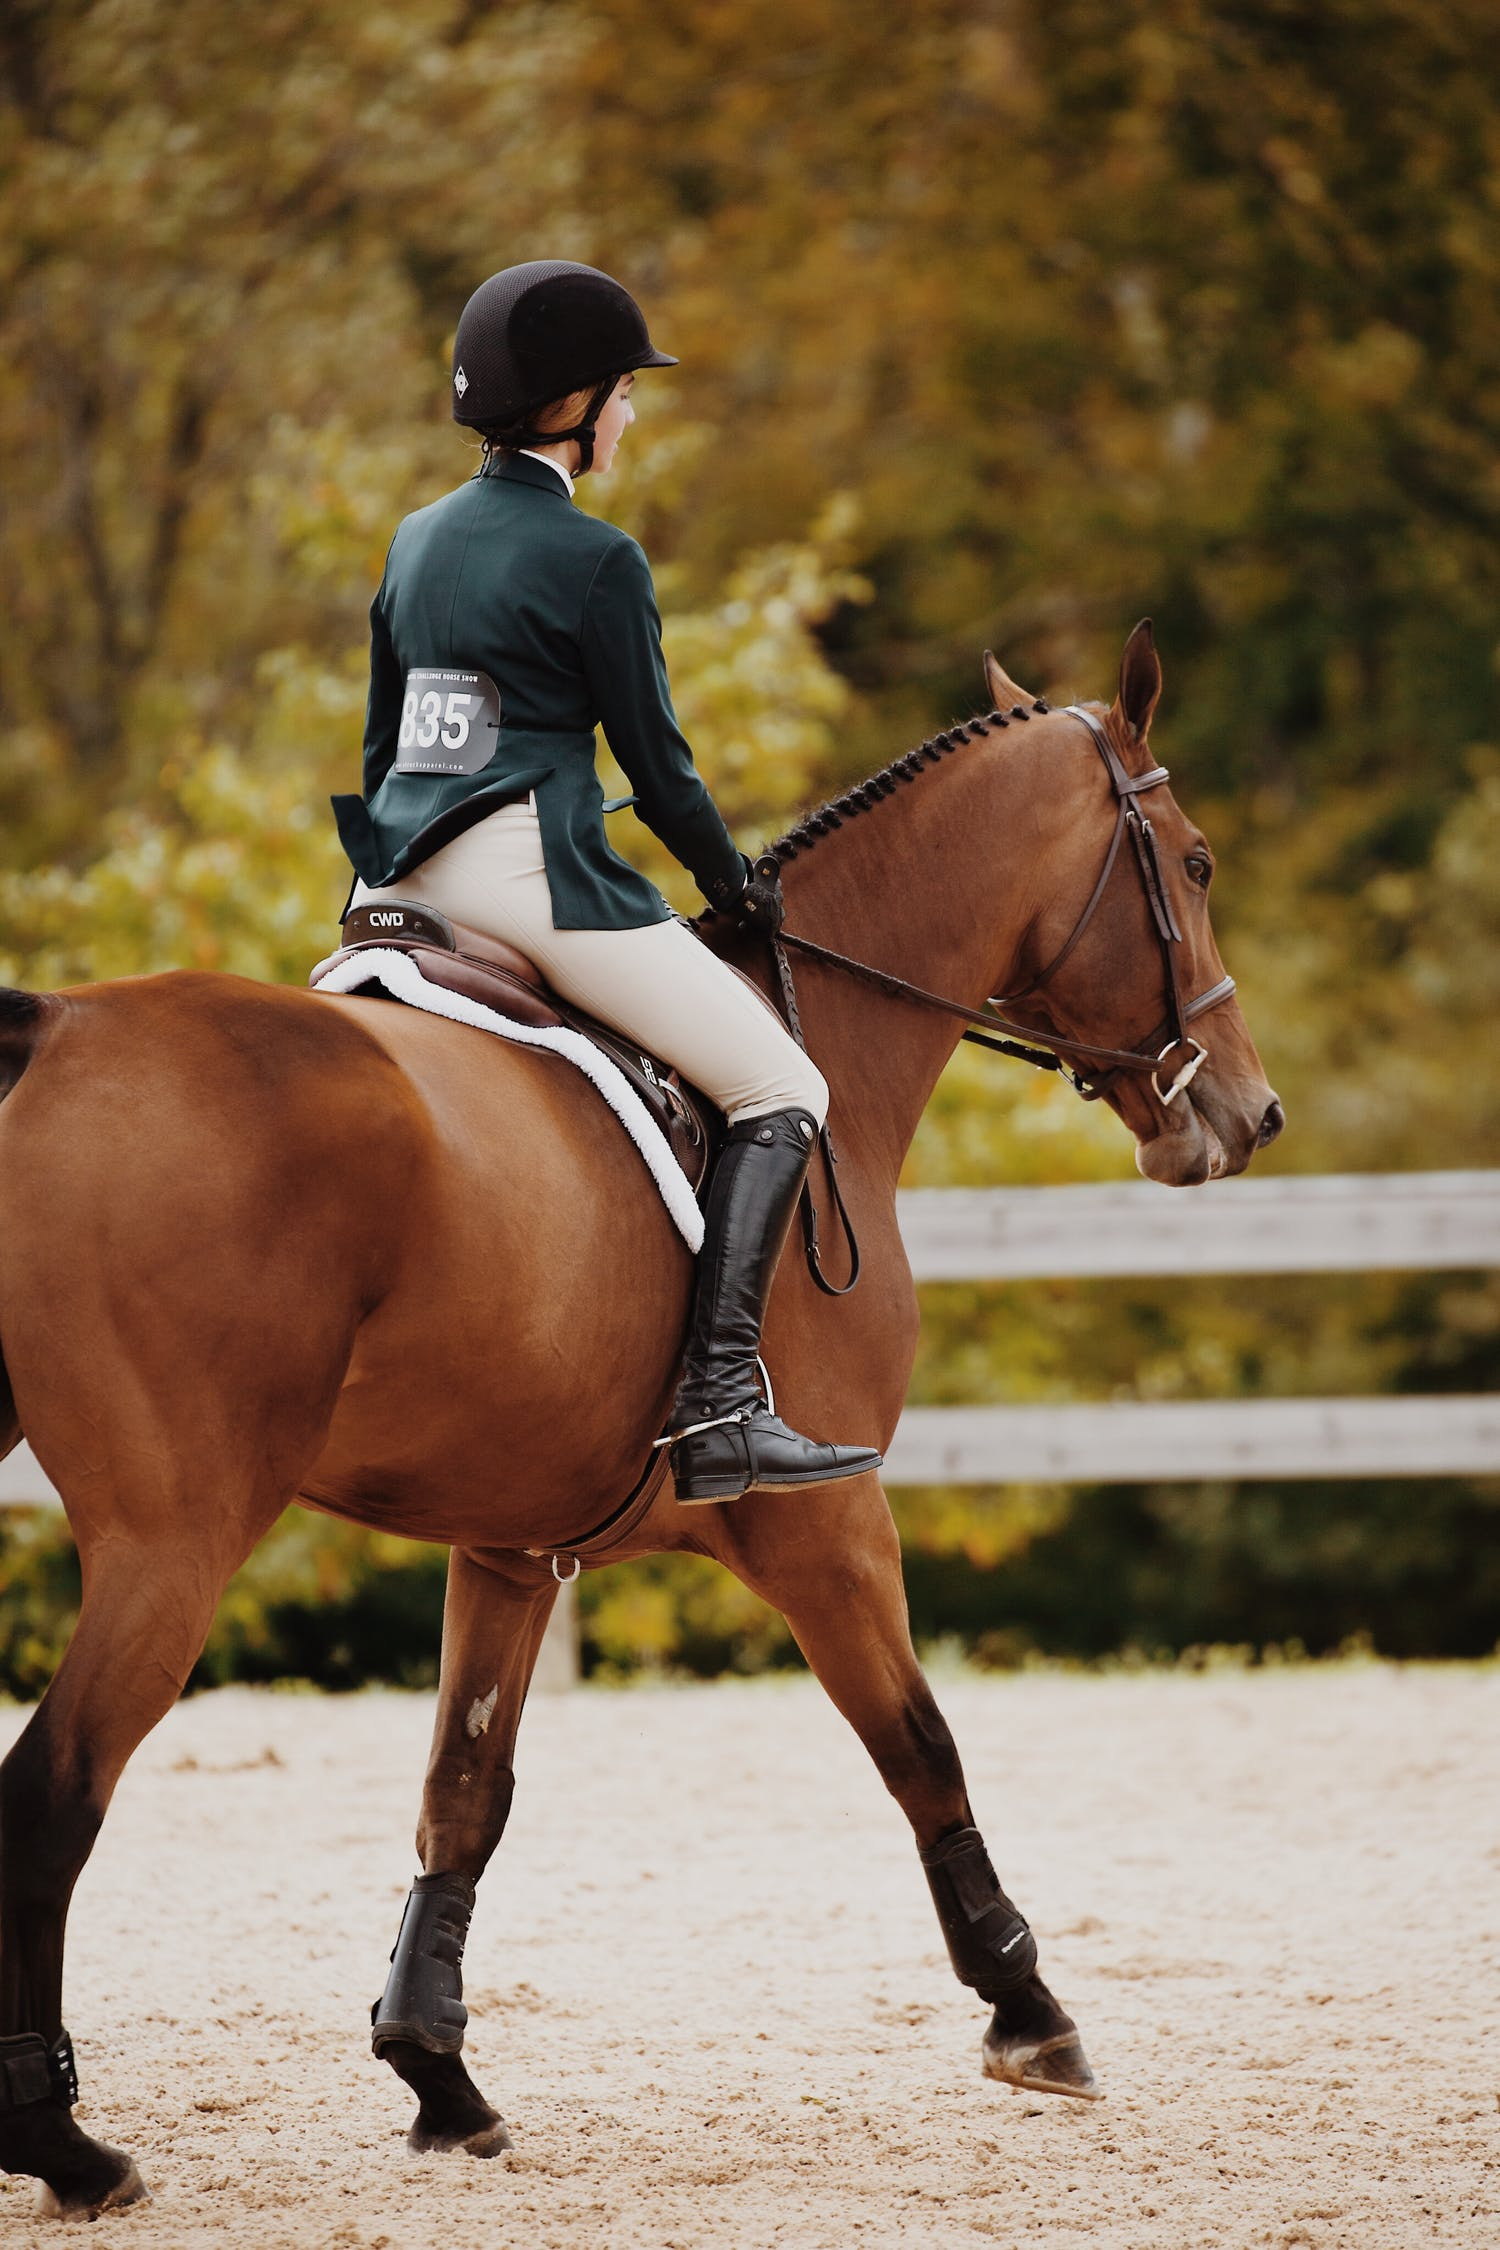 Photographie De Profondeur De Champ De Femme équitation Cheval Brun